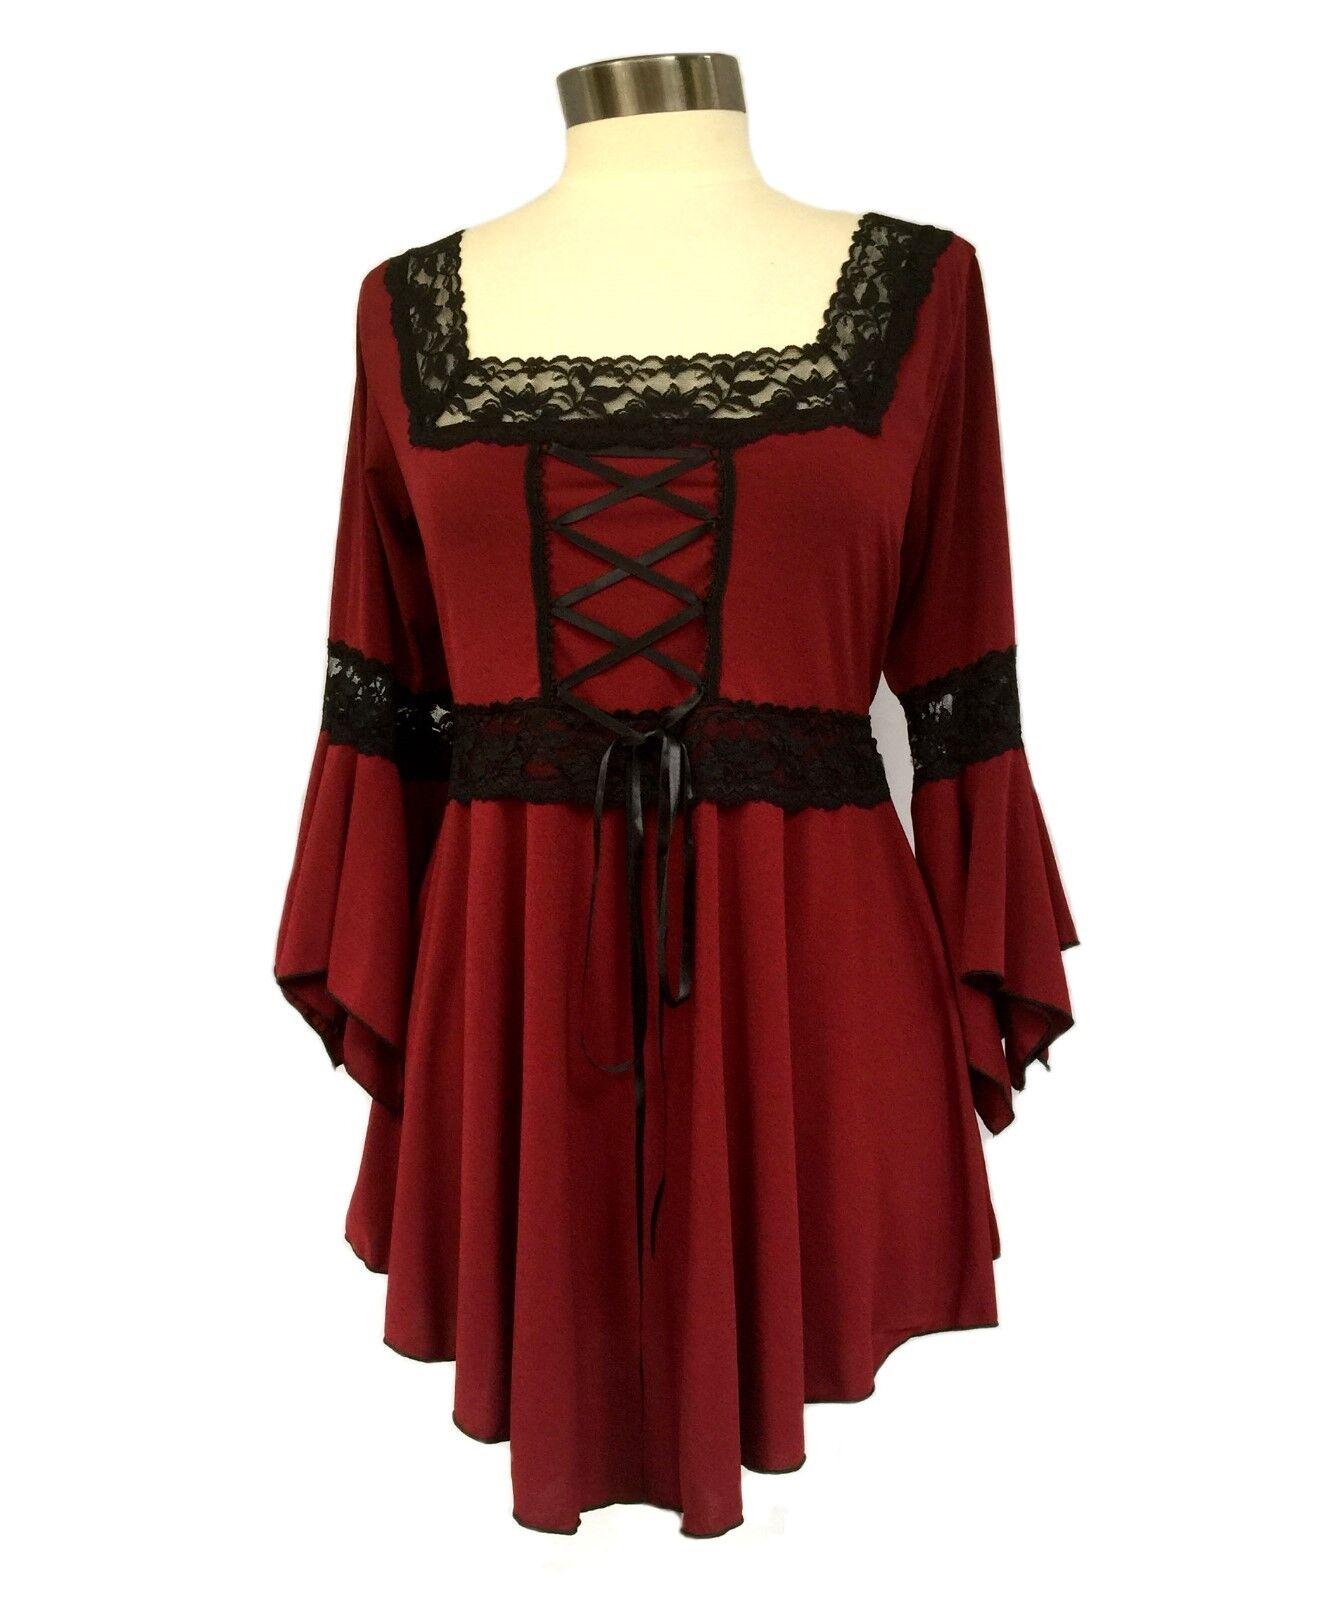 RENAISSANCE Gothic Victorian BURGUNDY rot Corset oben Größe 2X  -MSRP  60